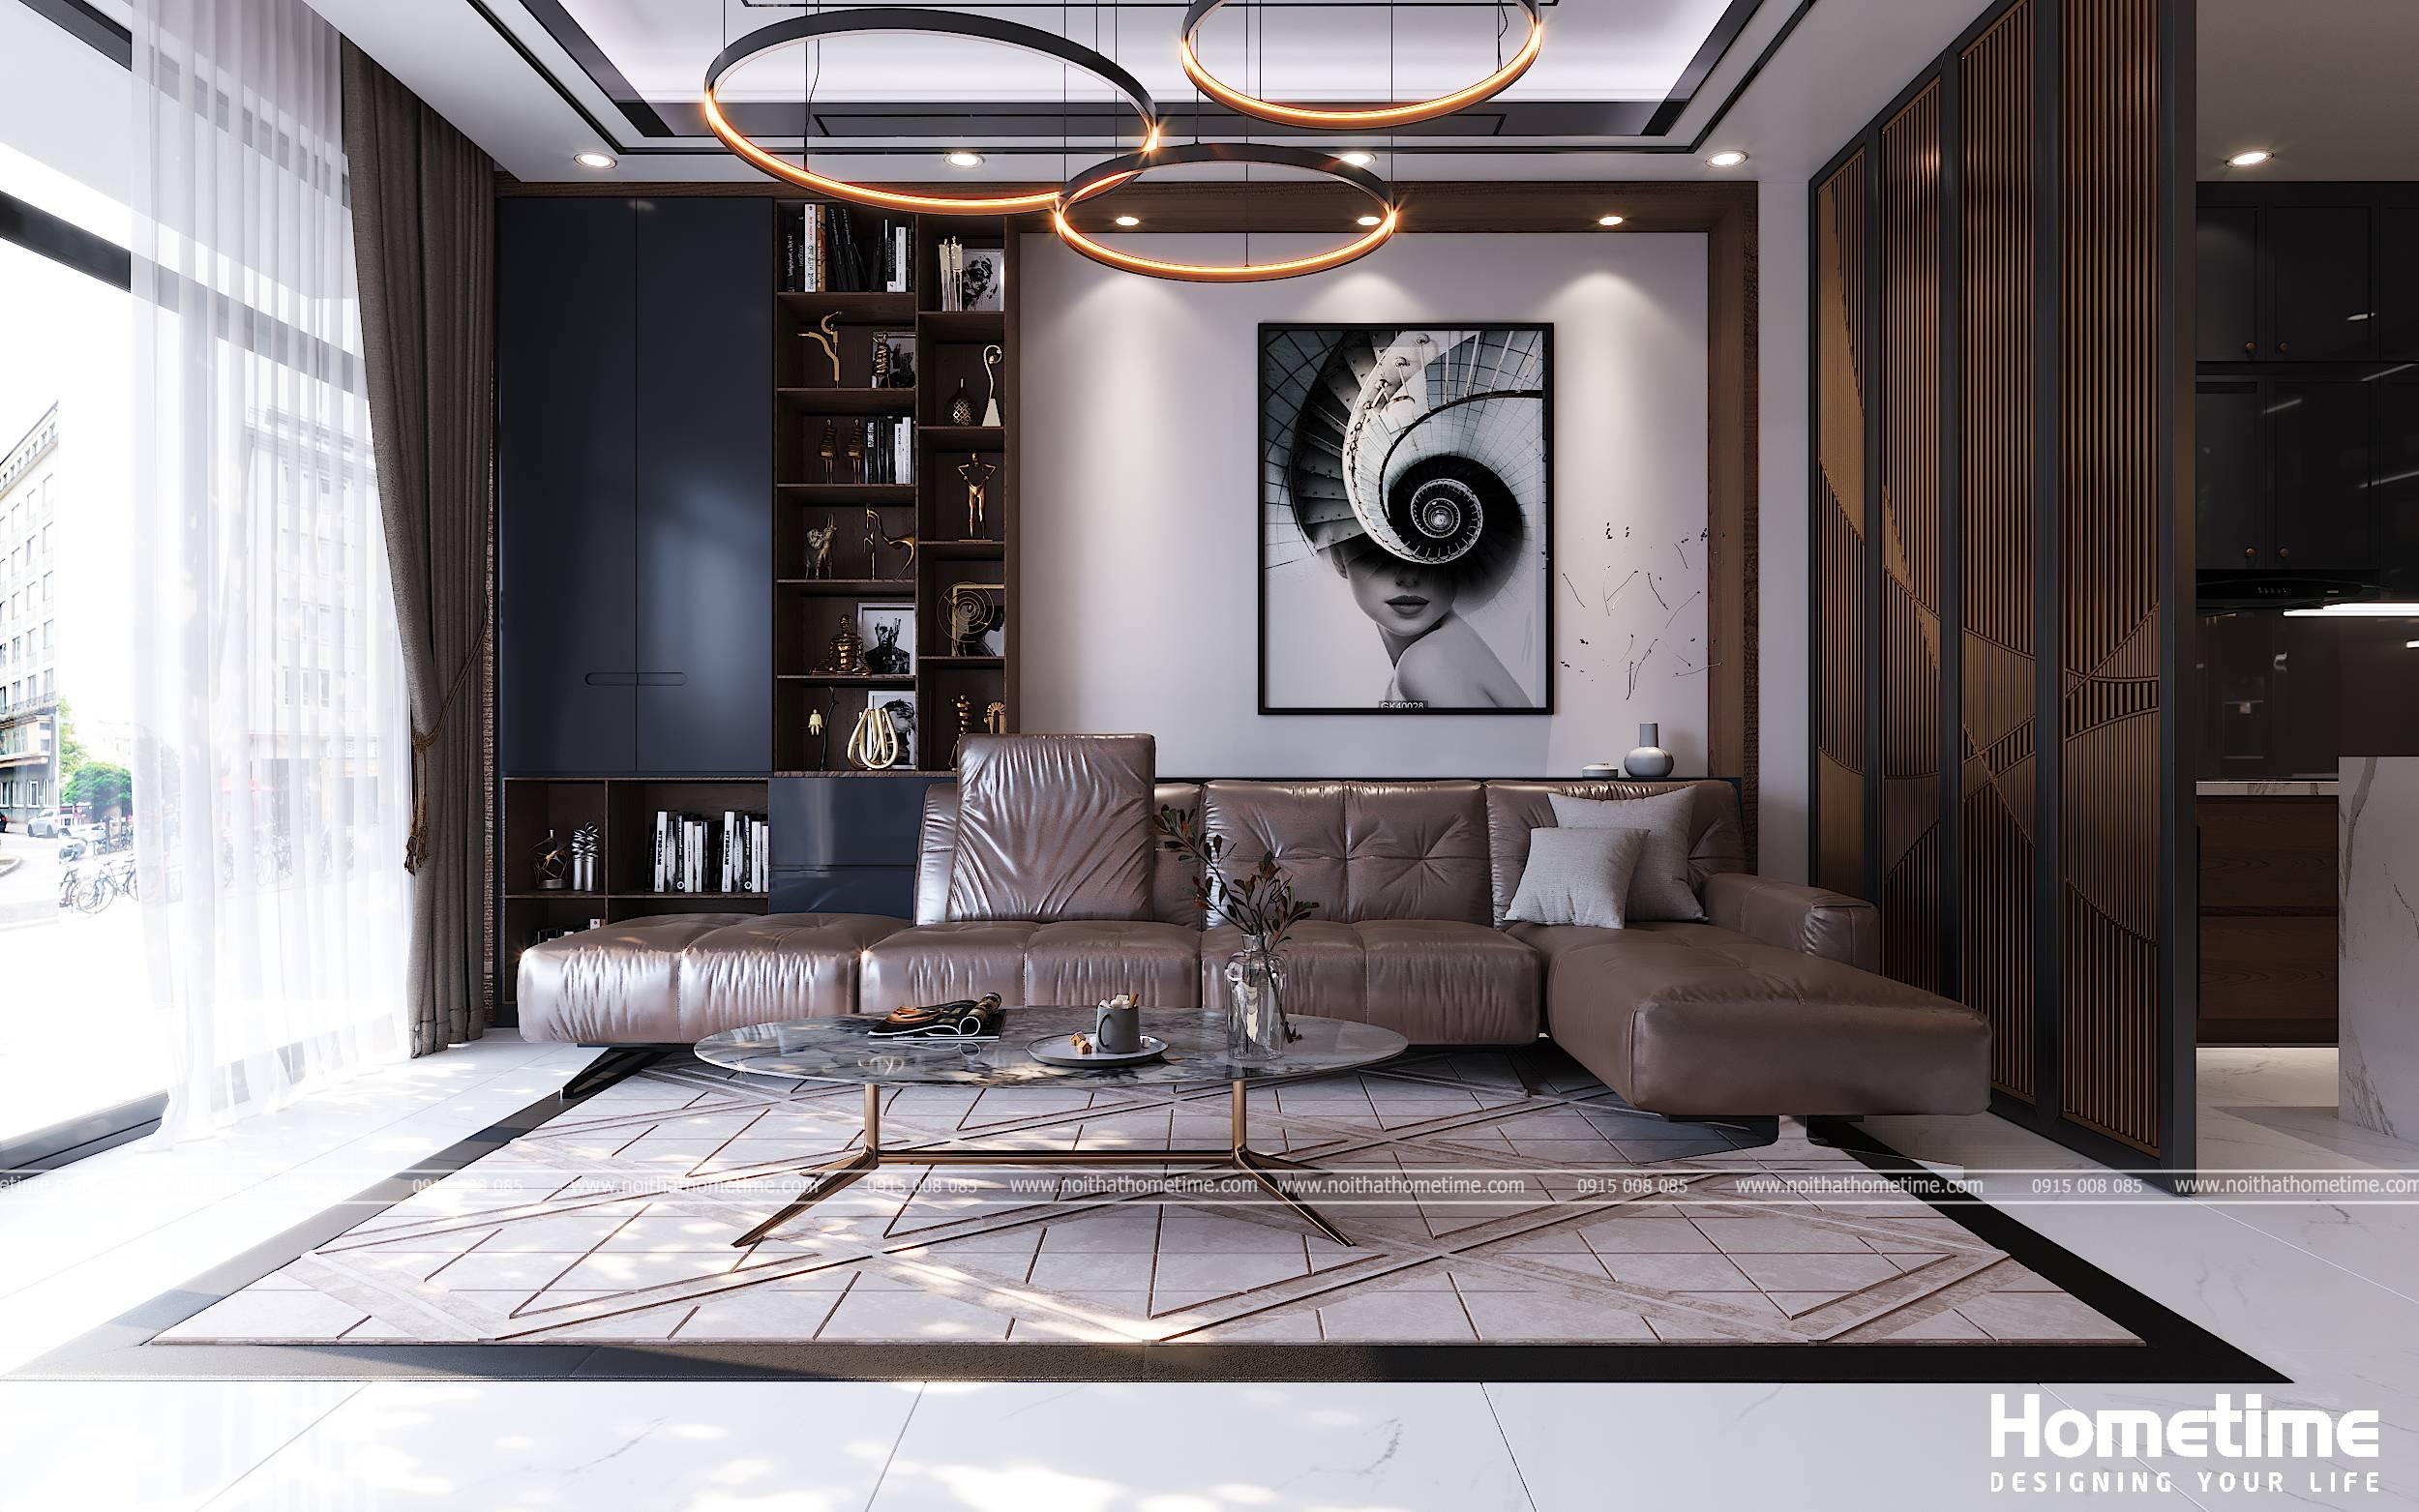 Bộ bàn ghế và chiếc tủ kệ gỗ trang trí